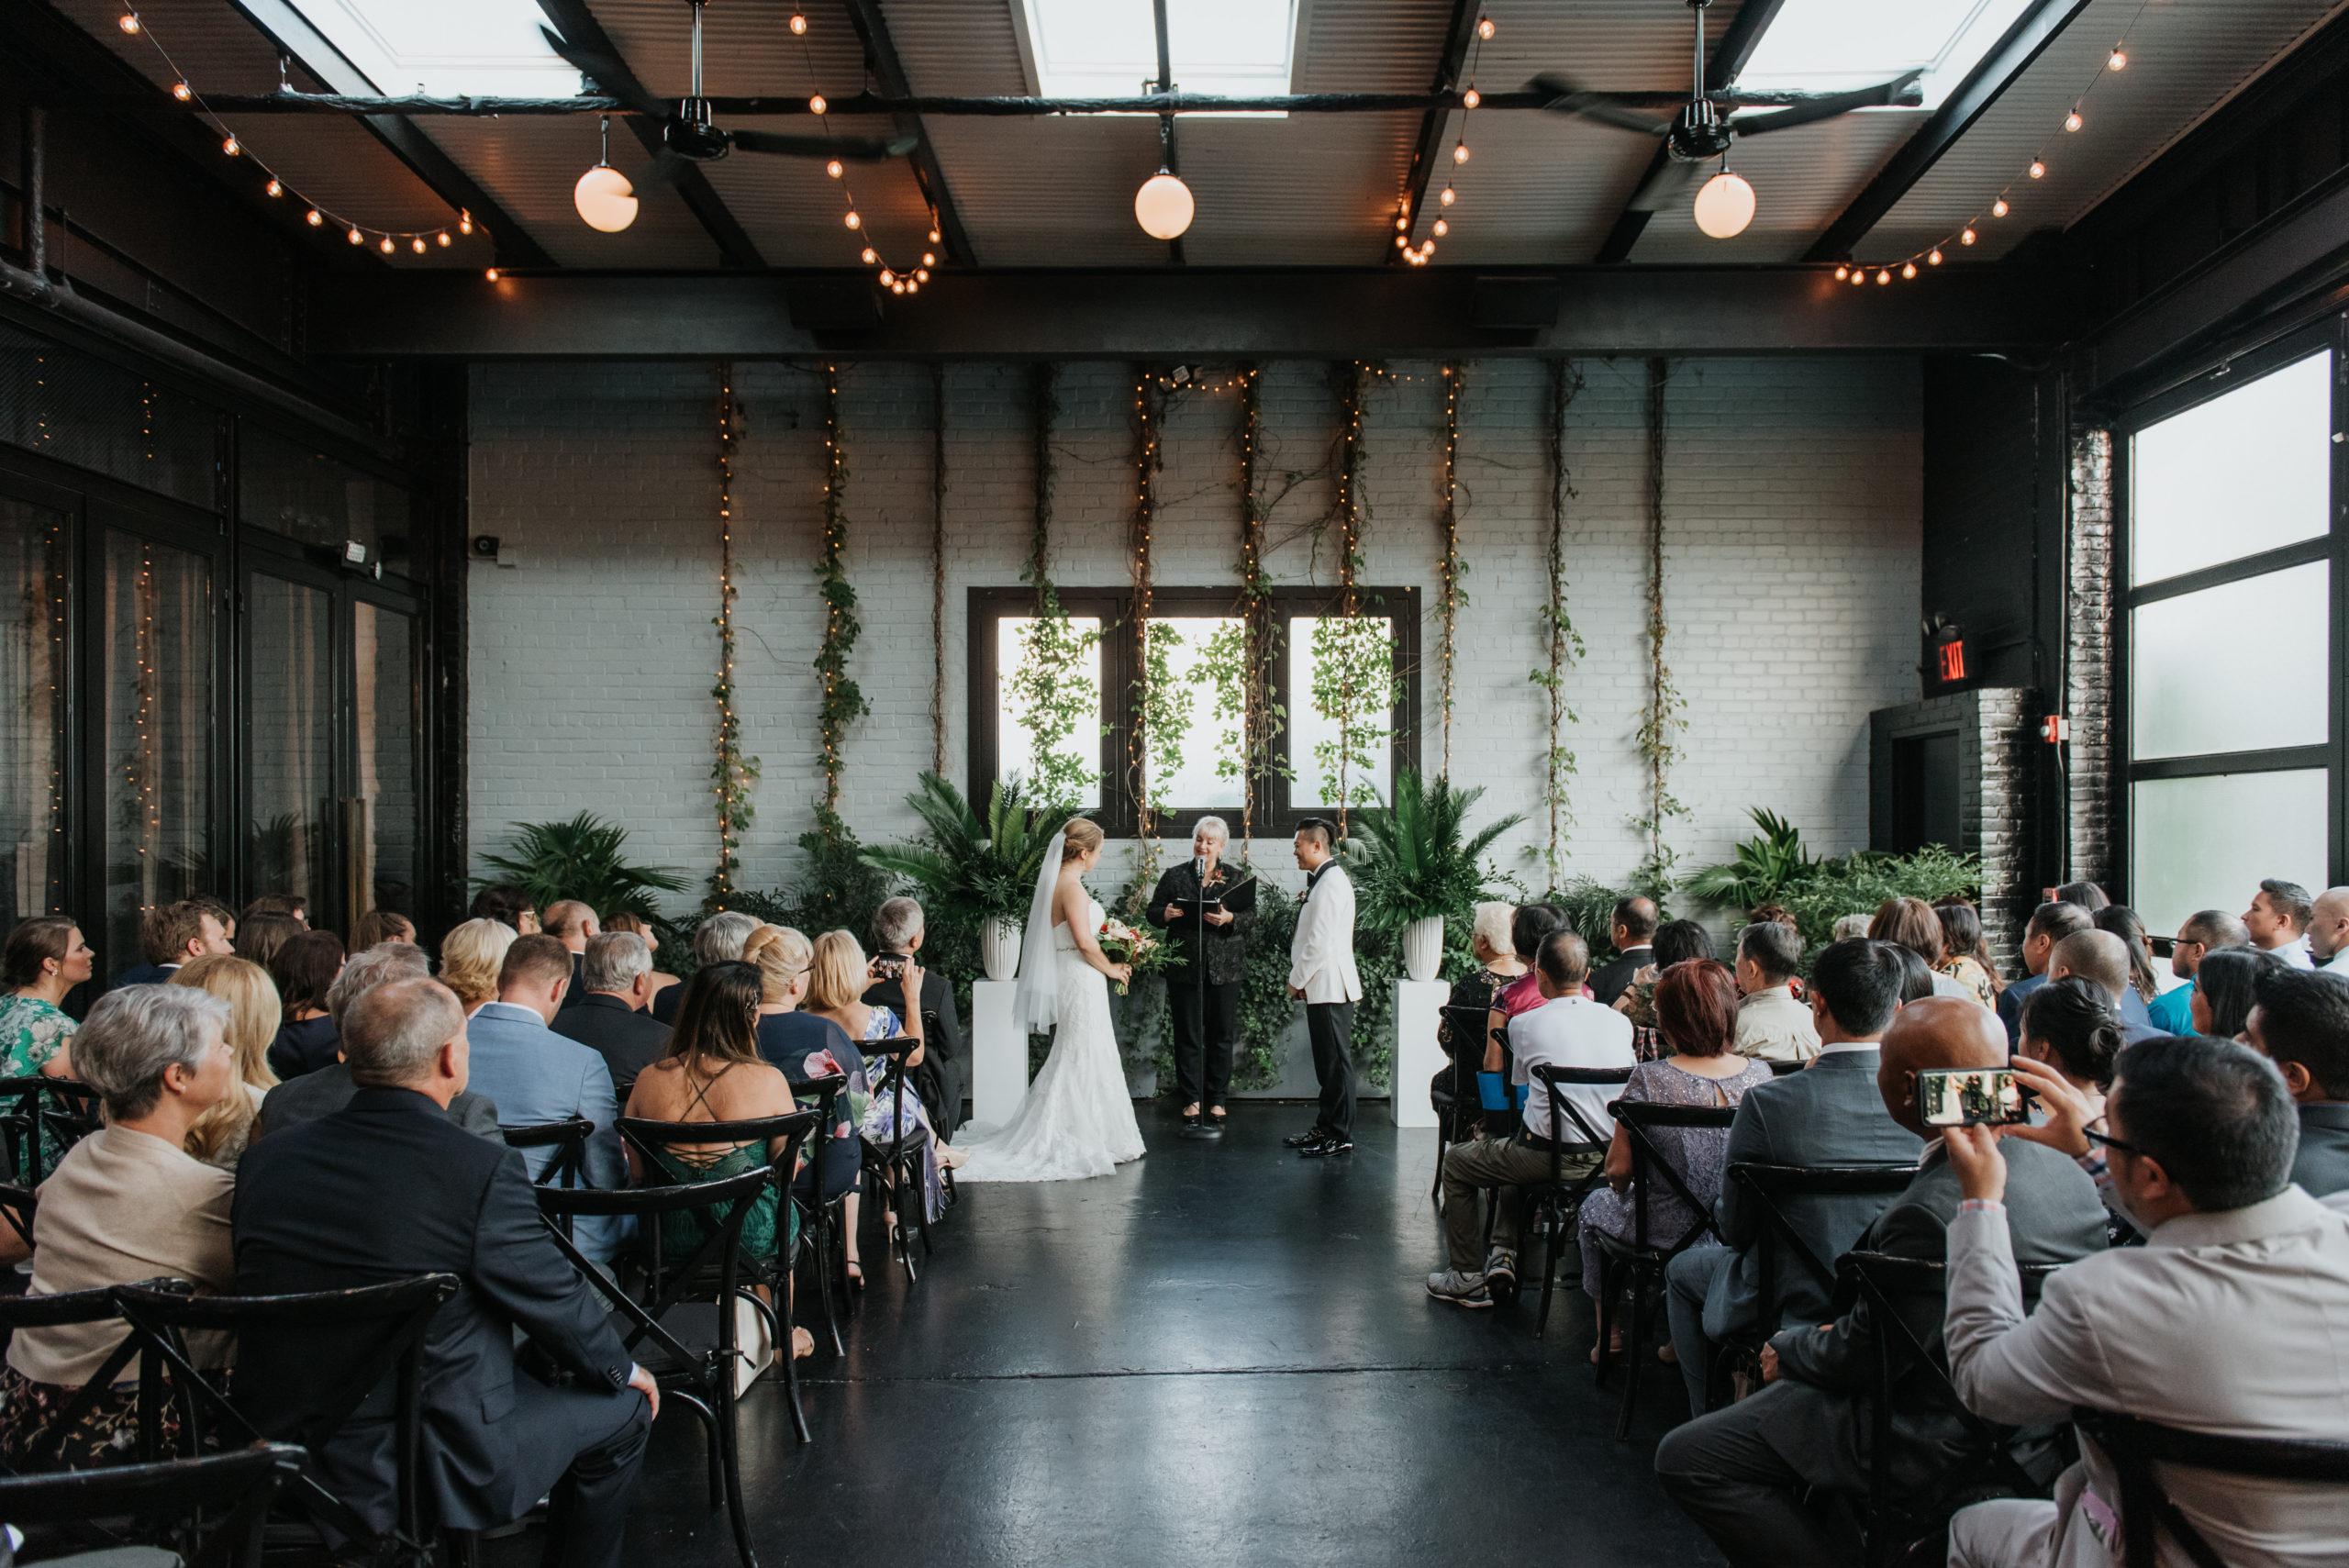 Stylish Tropical-Inspired Wedding in Brooklyn 8